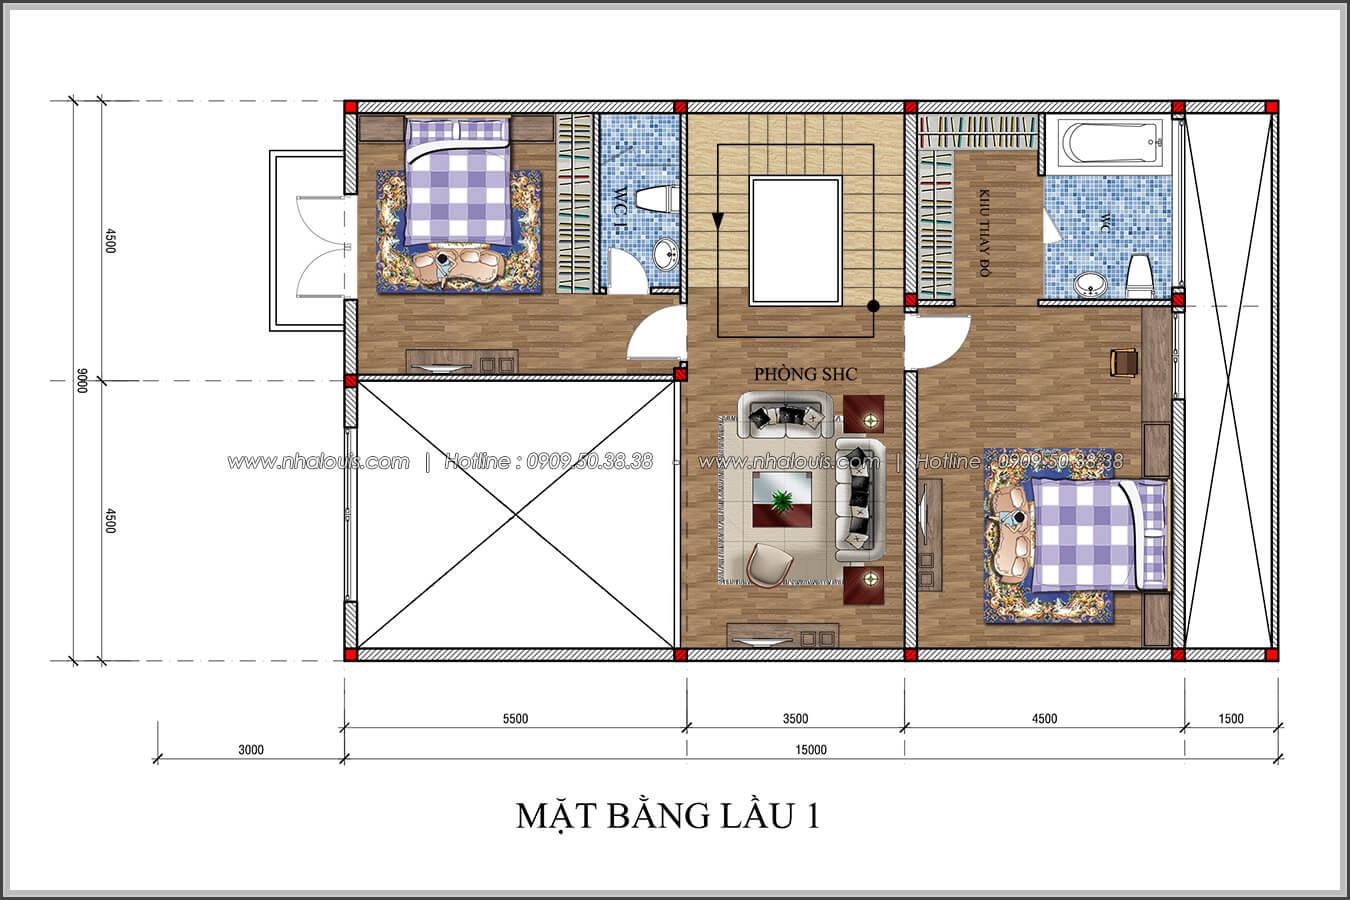 Thiết kế biệt thự 4 phòng ngủ tại Đồng Nai nổi bật trên đường phố tấp nập - 04